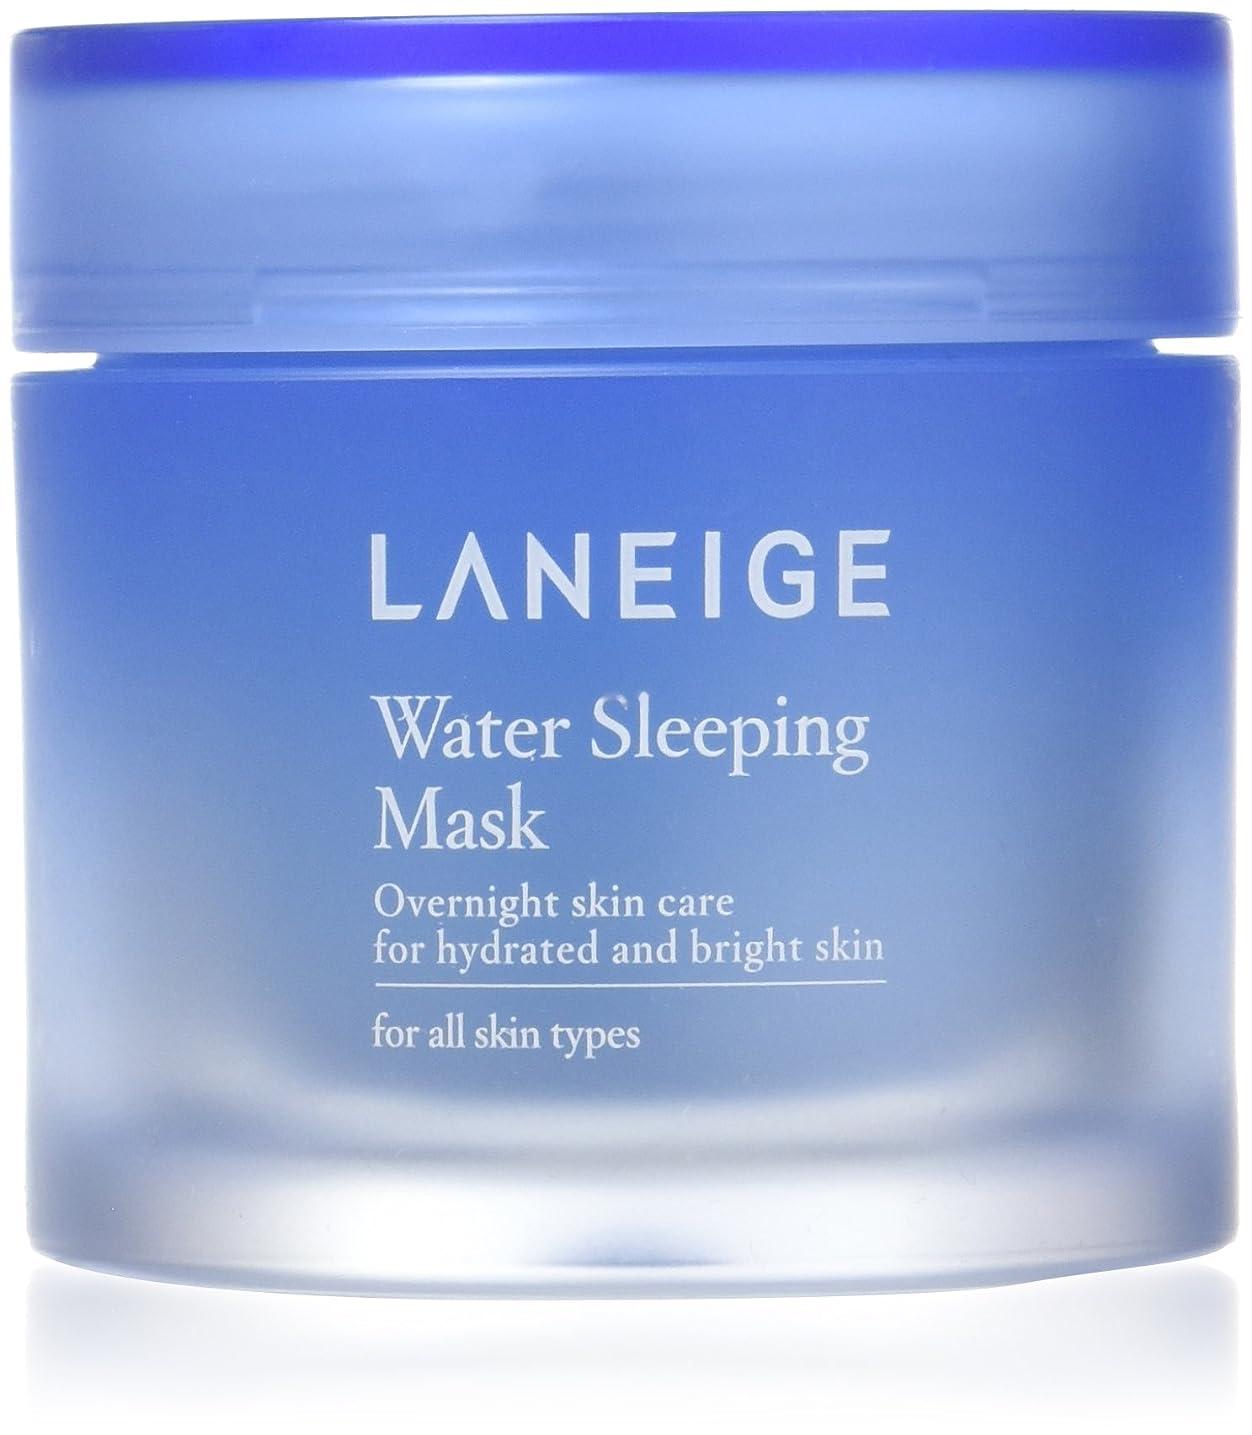 絶滅した可動オープニングLANEIGE/ラネージュ ウォータースリーピング マスク 70ml/Laneige Water Sleeping Mask 70ml [海外直送品]